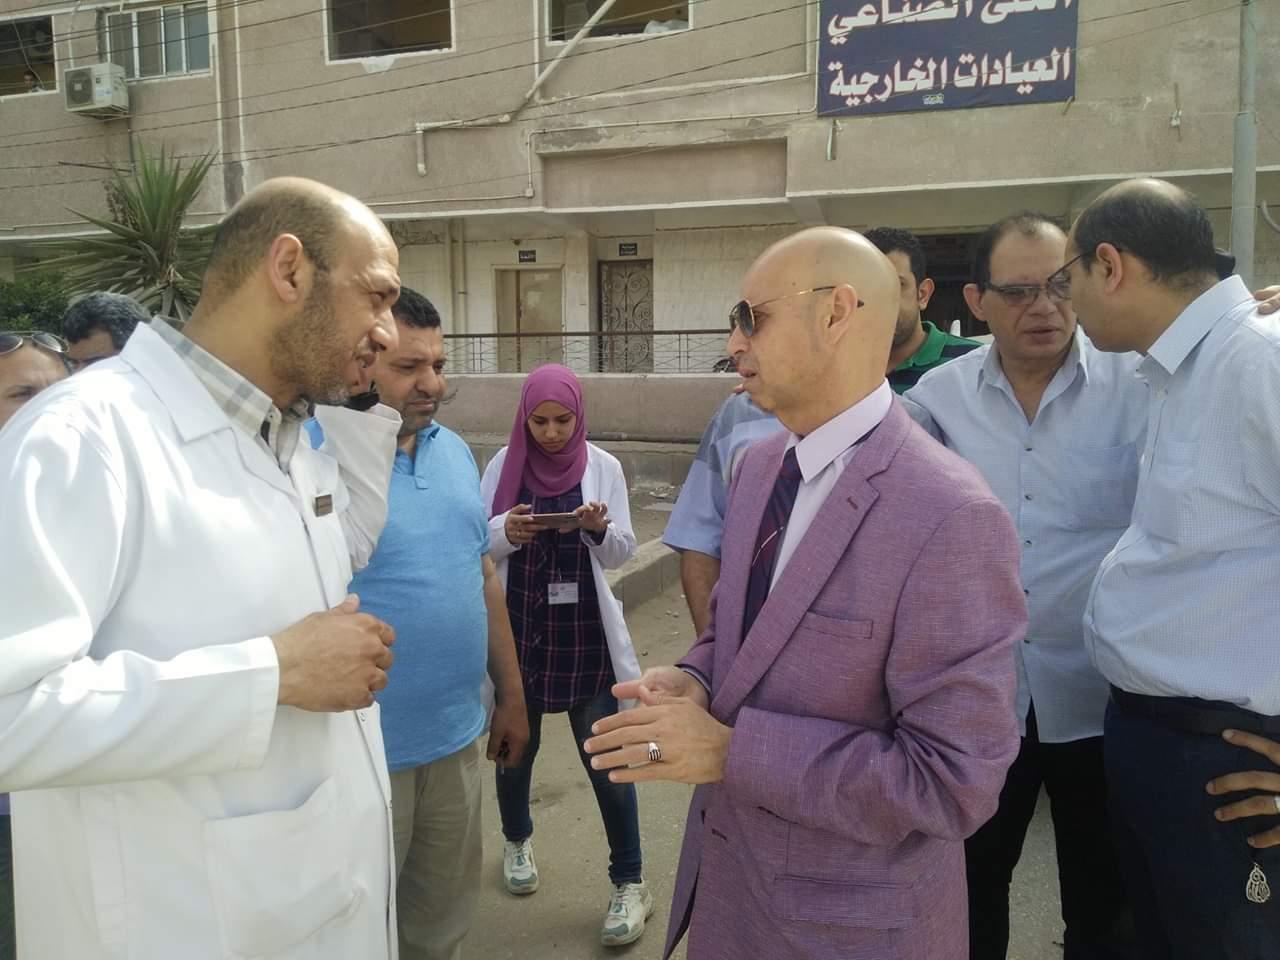 صحة الشرقية توقيع الكشف الطبى على أكثر من 2 مليون مواطن (3)